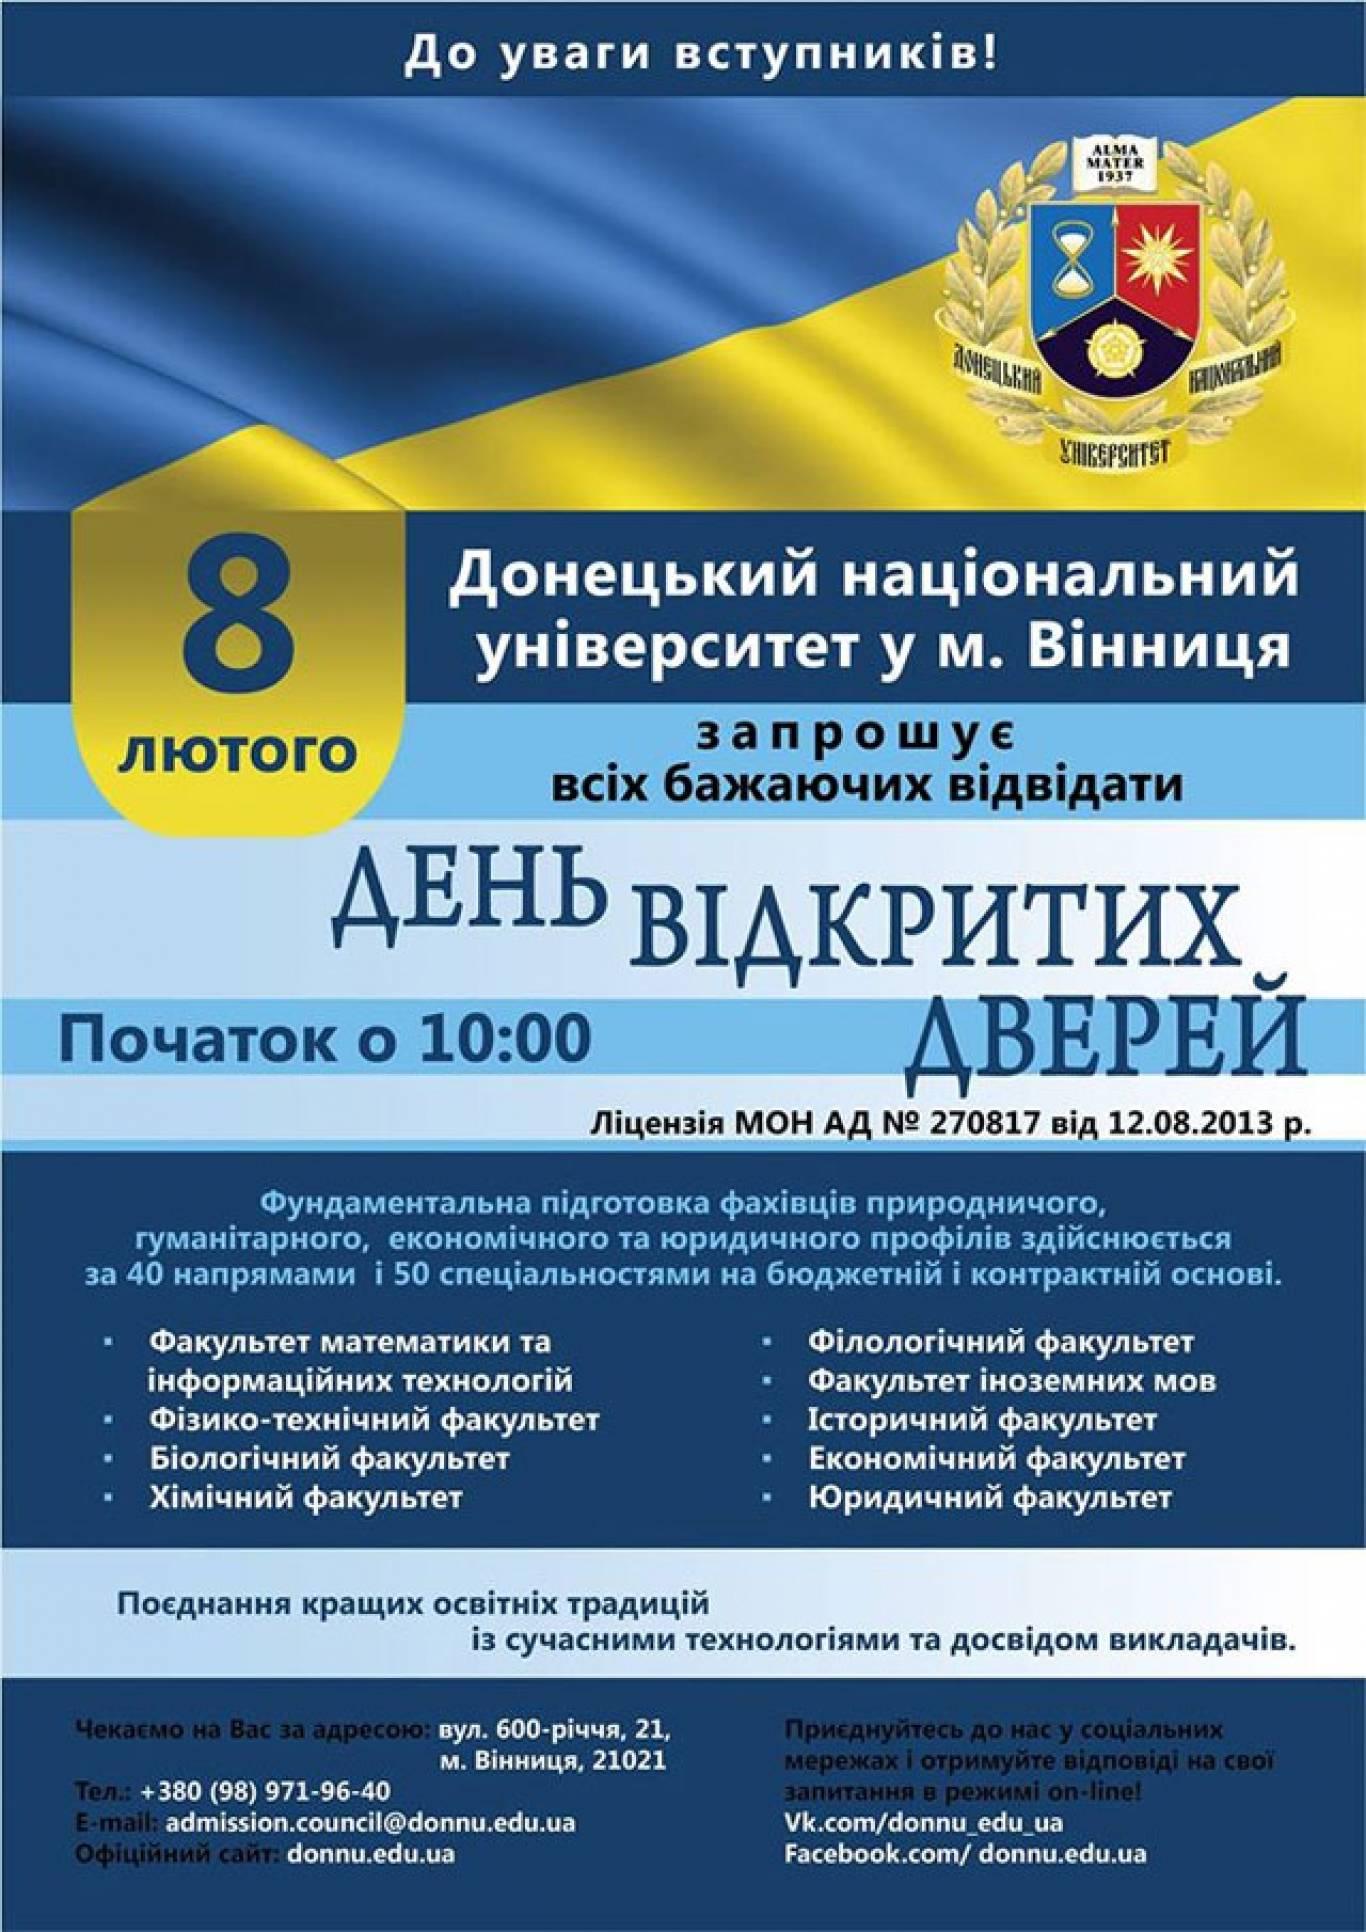 """""""День відкритих дверей"""" у Донецькому національному університеті м. Вінниця"""